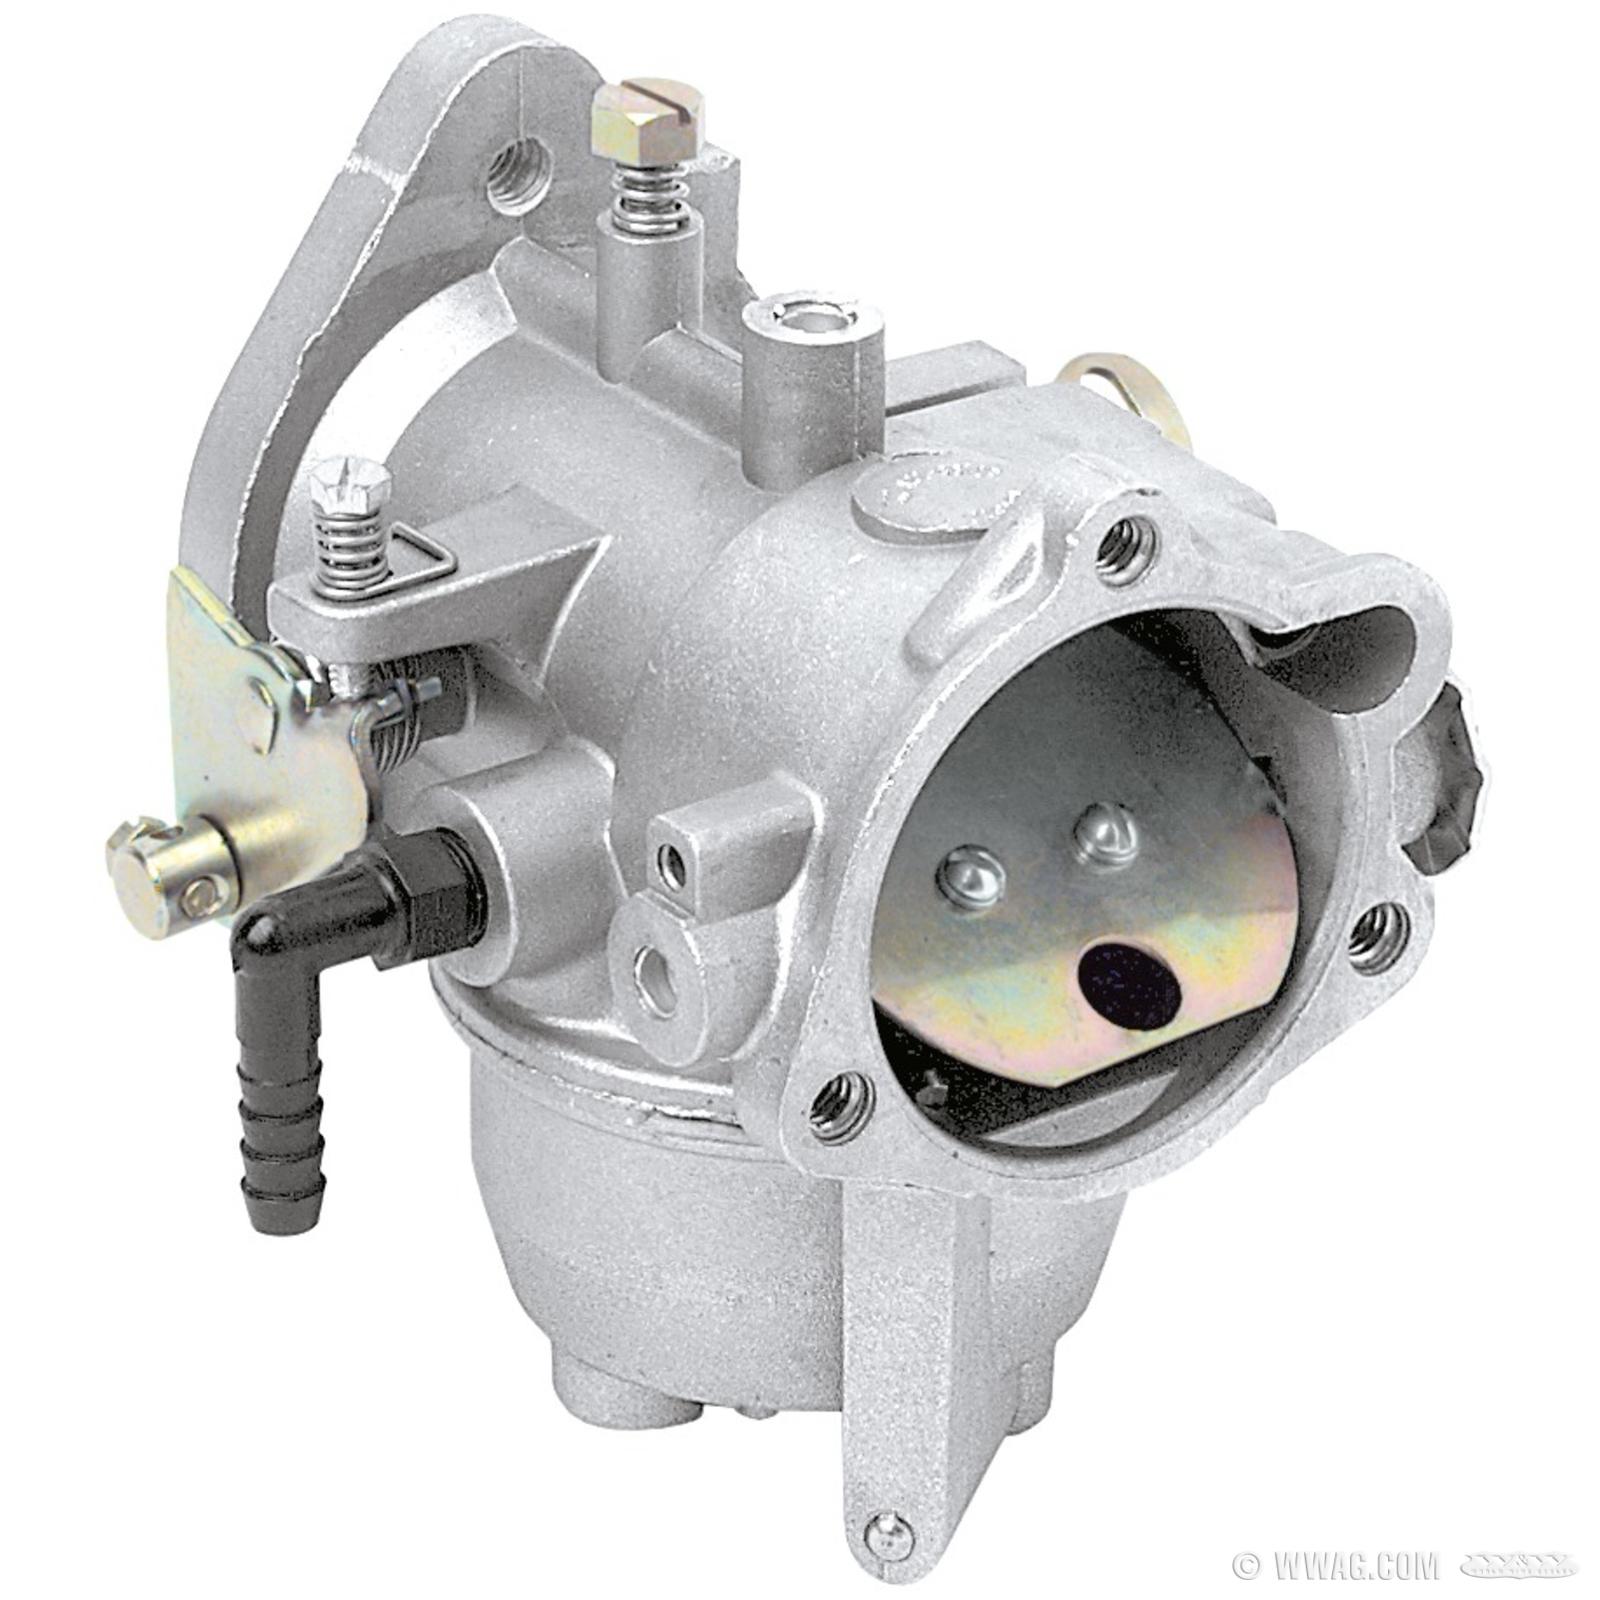 W&W Cycles - Carburetor and Injection > Bendix 38 mm Carburetors